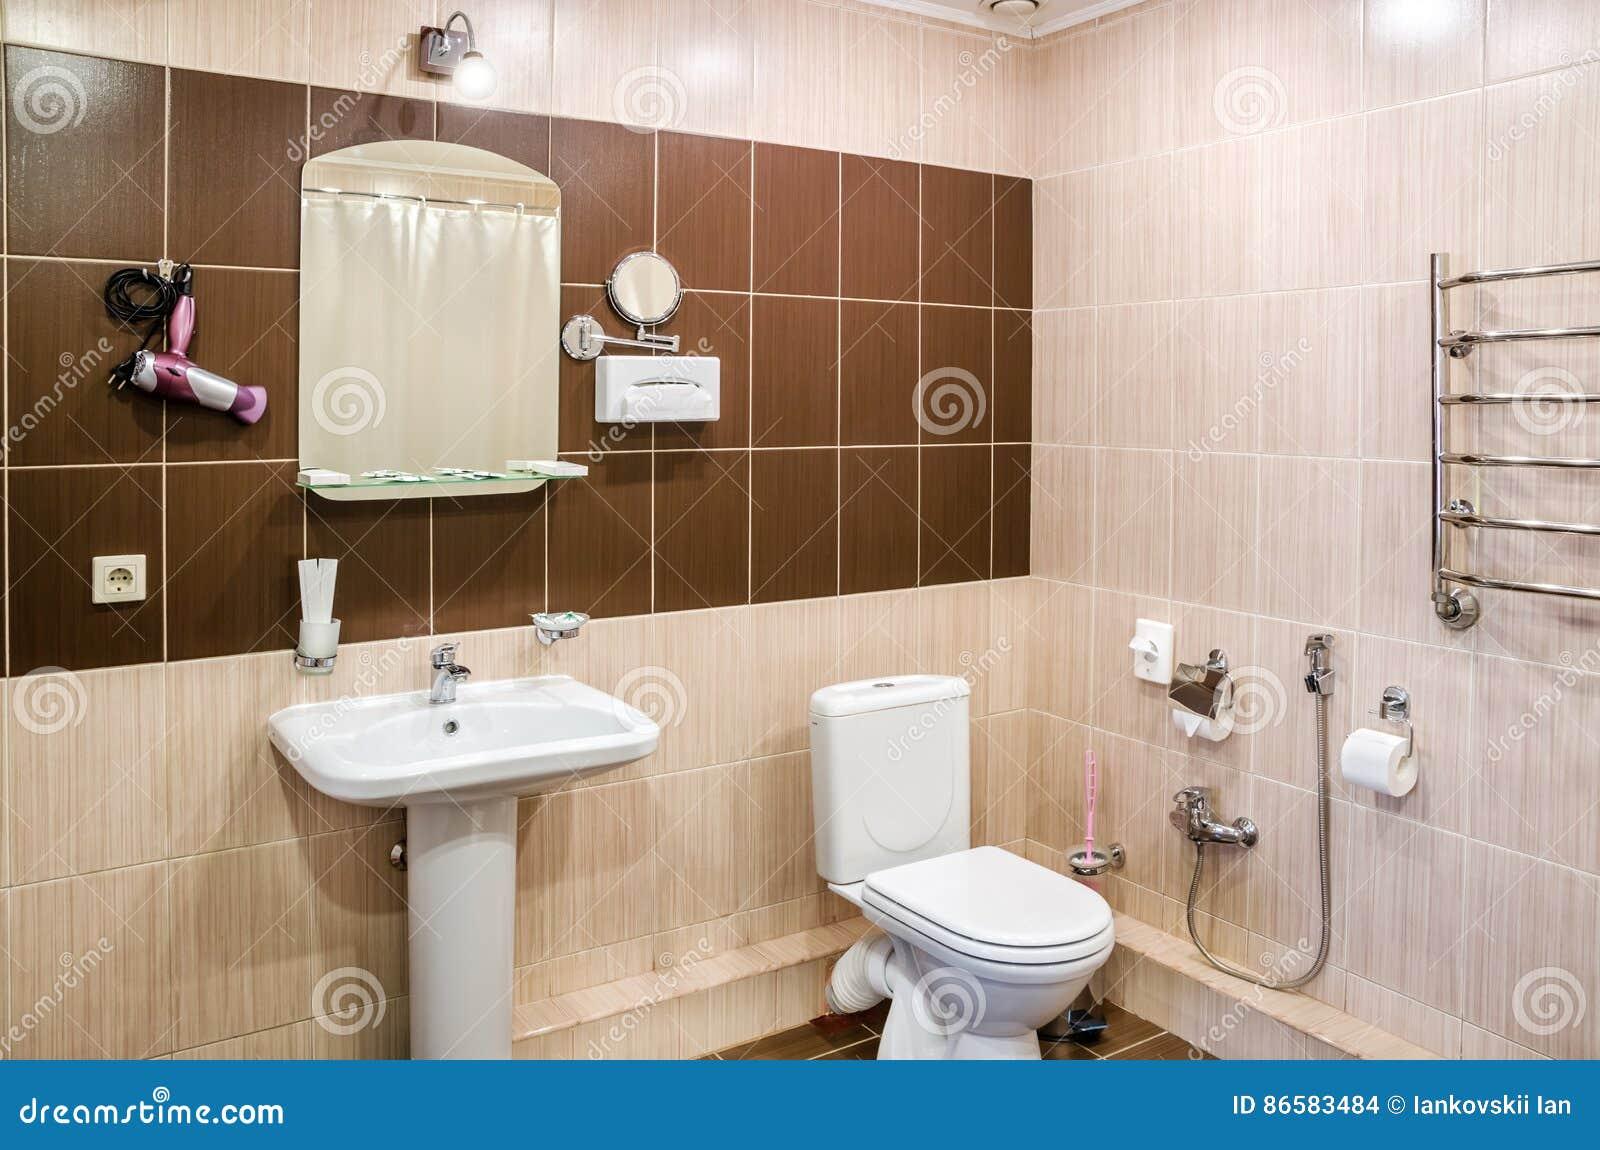 Badkamers in warme kleuren met een toilet een badkuip een